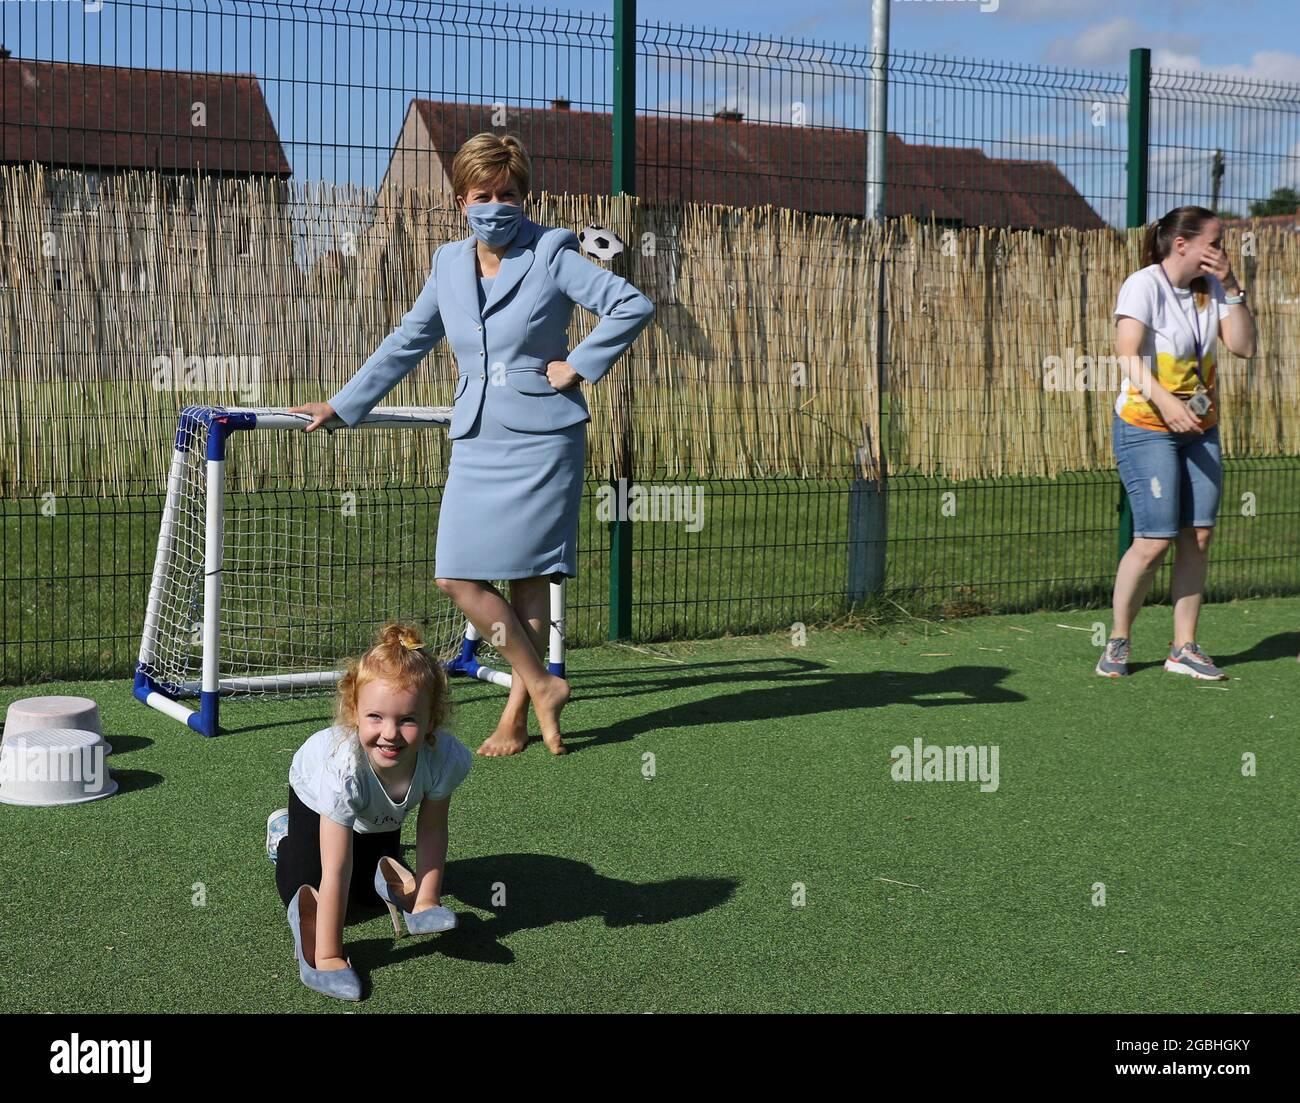 Die erste Ministerin Nicola Sturgeon spielt beim Besuch der Fallin Nursery in Fallin, Stirlingshire, Fußball. Bilddatum: Mittwoch, 4. August 2021. Stockfoto